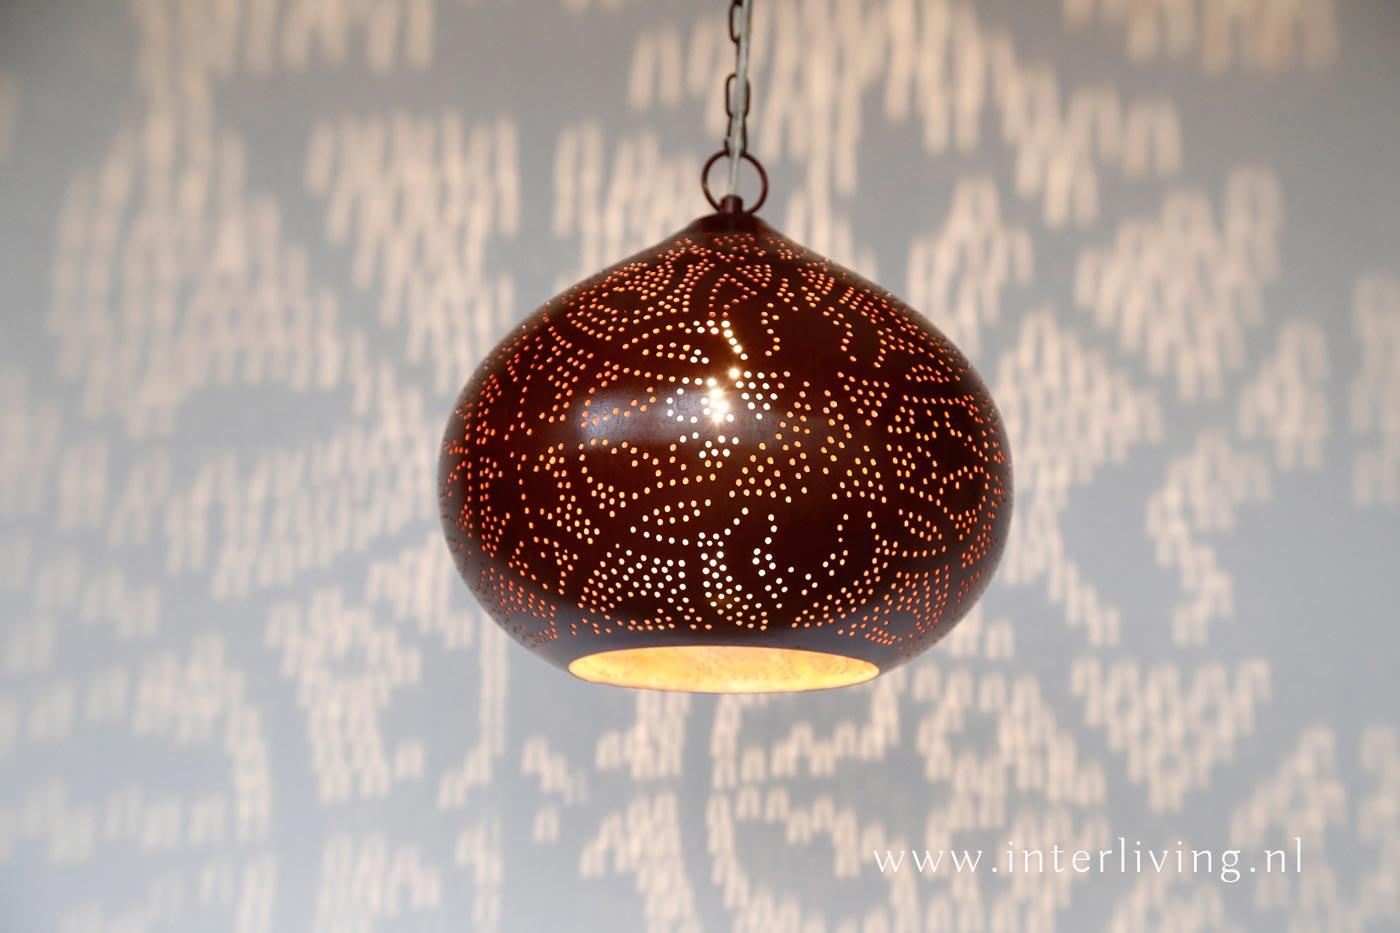 Lampen Oosterse Stijl : Bruine hanglamp met oosterse stijl en gaatjespatroon roest look